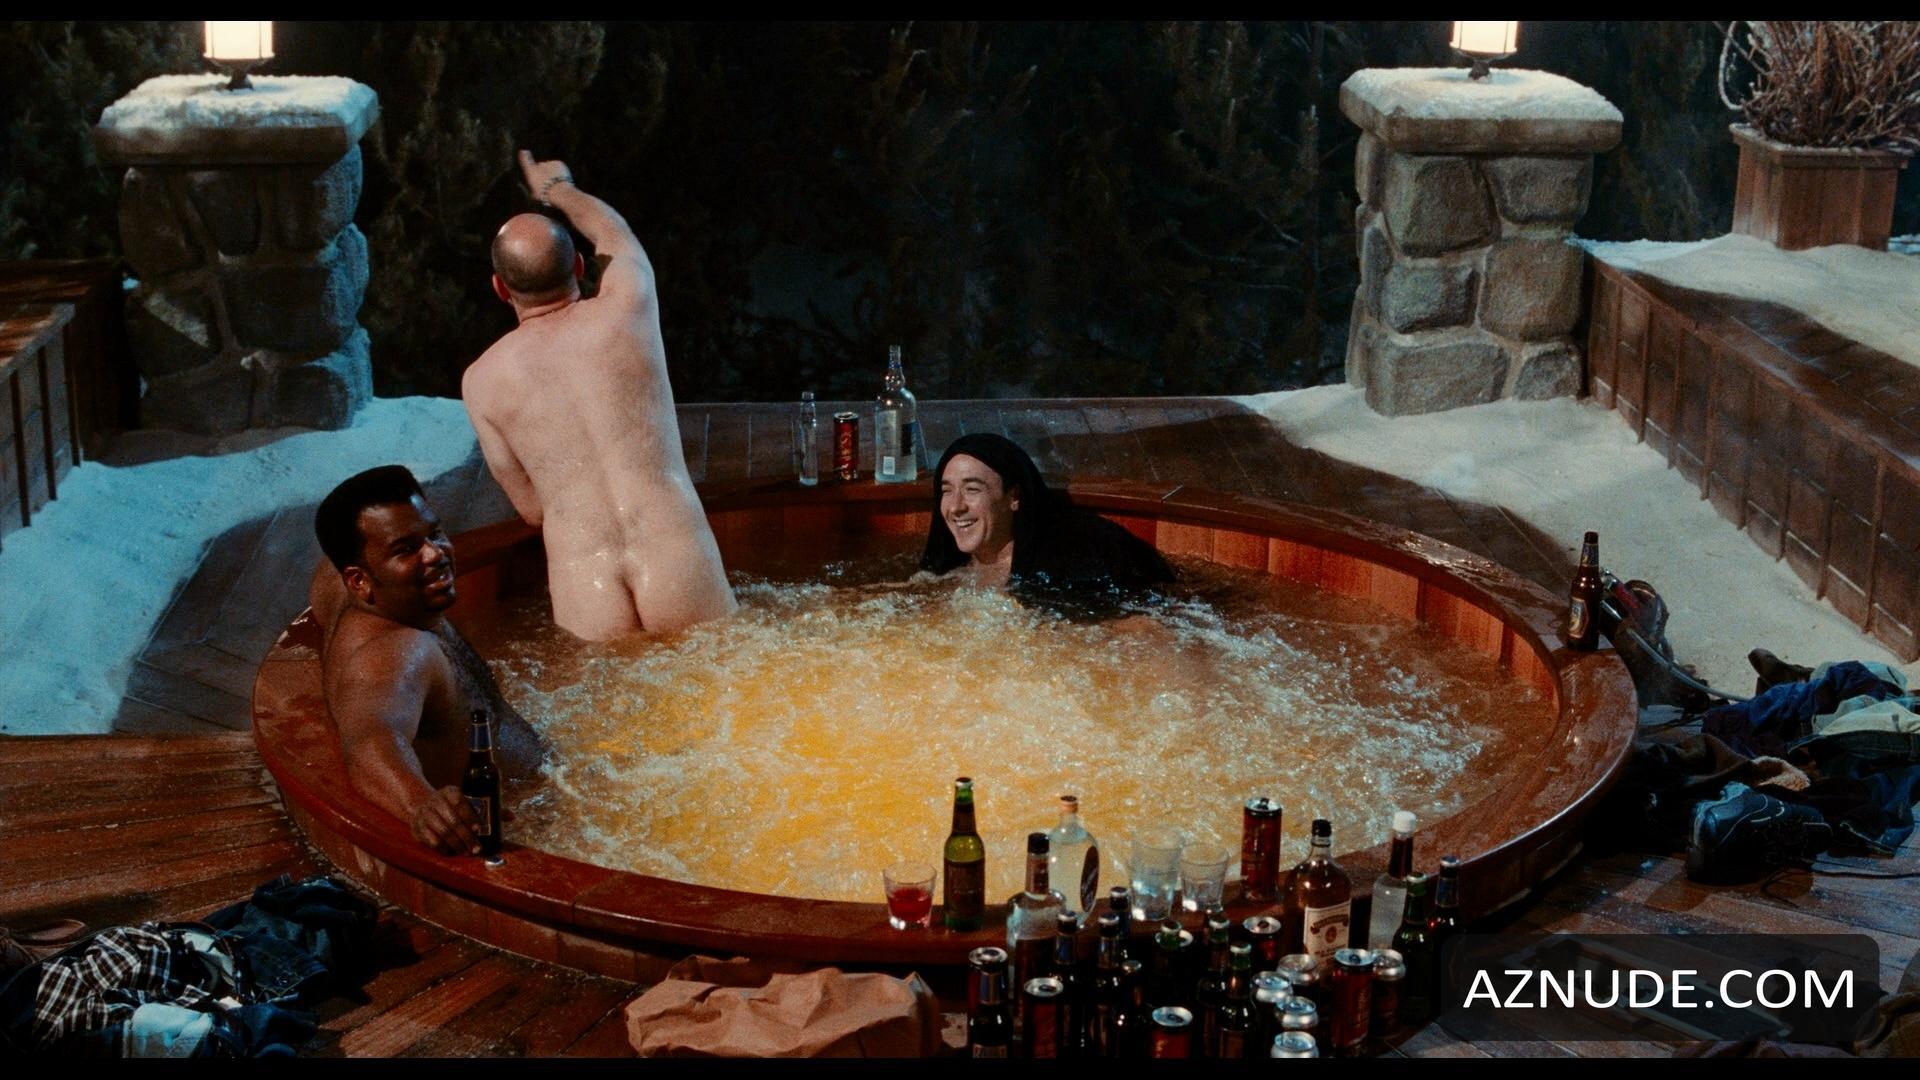 Snooker naked hot tub final episode